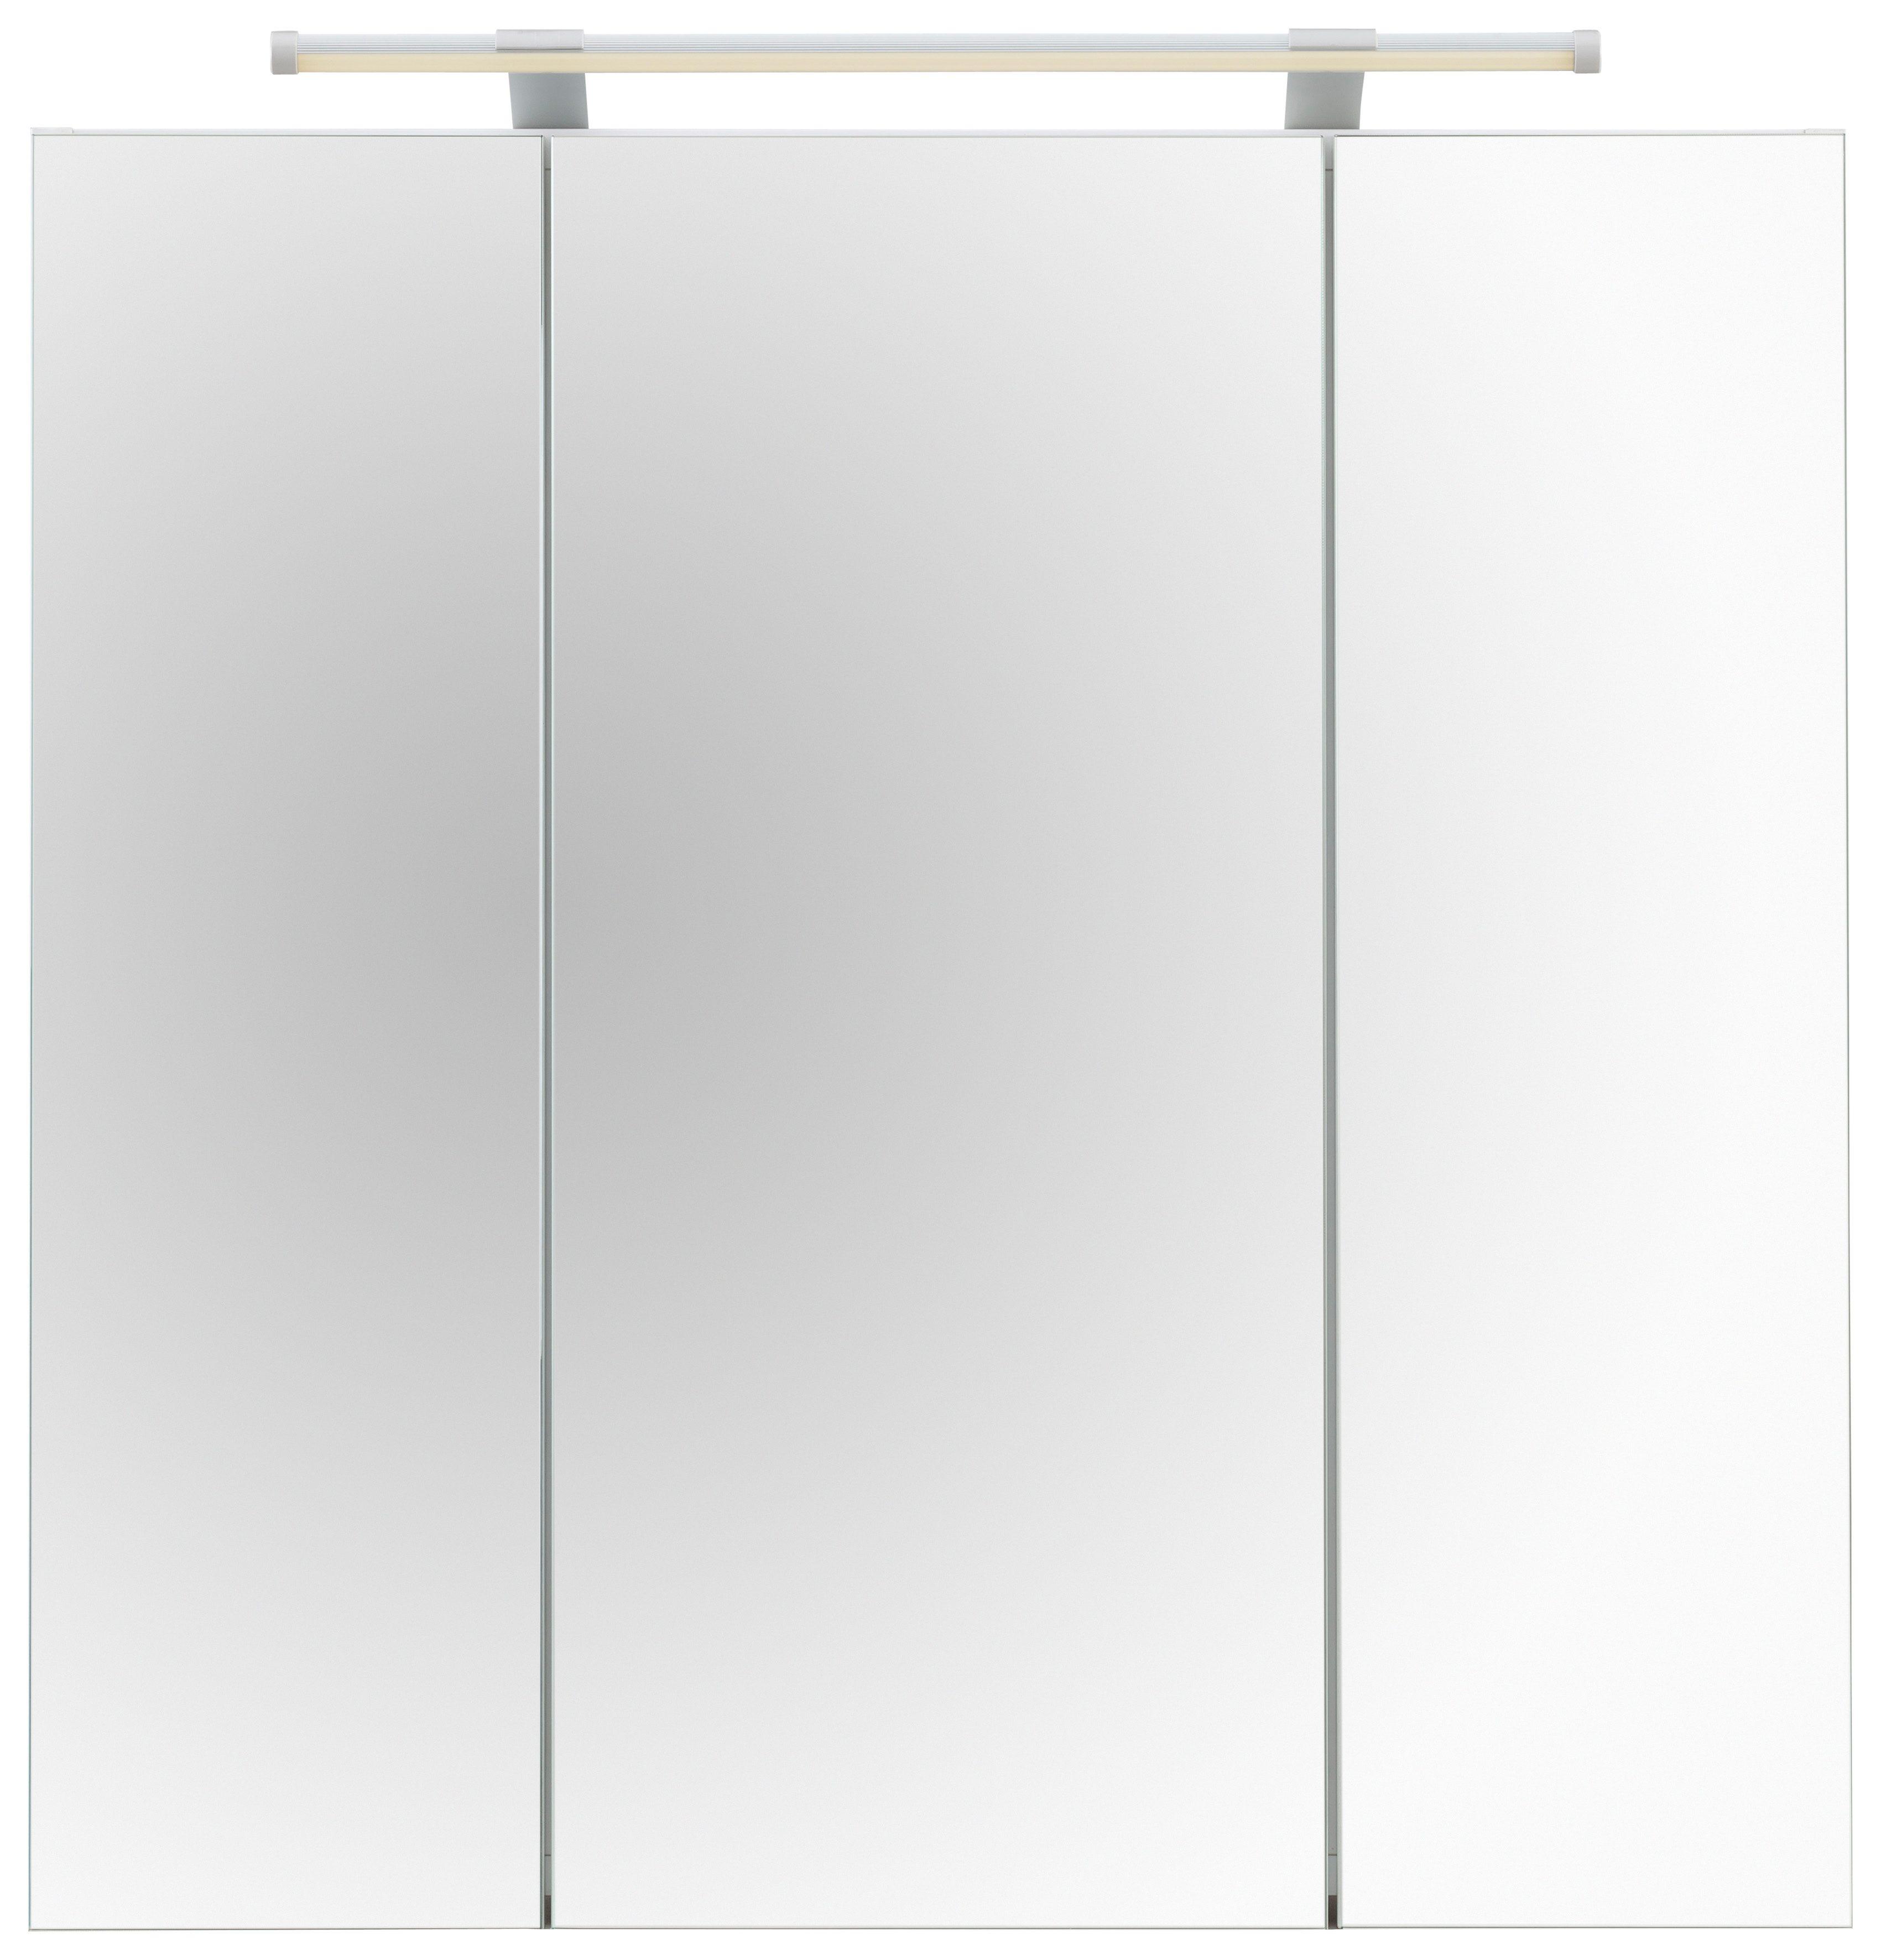 Bad Spiegelschrank Dorina mit LED-Beleuchtung SCHILDMEYER weiß